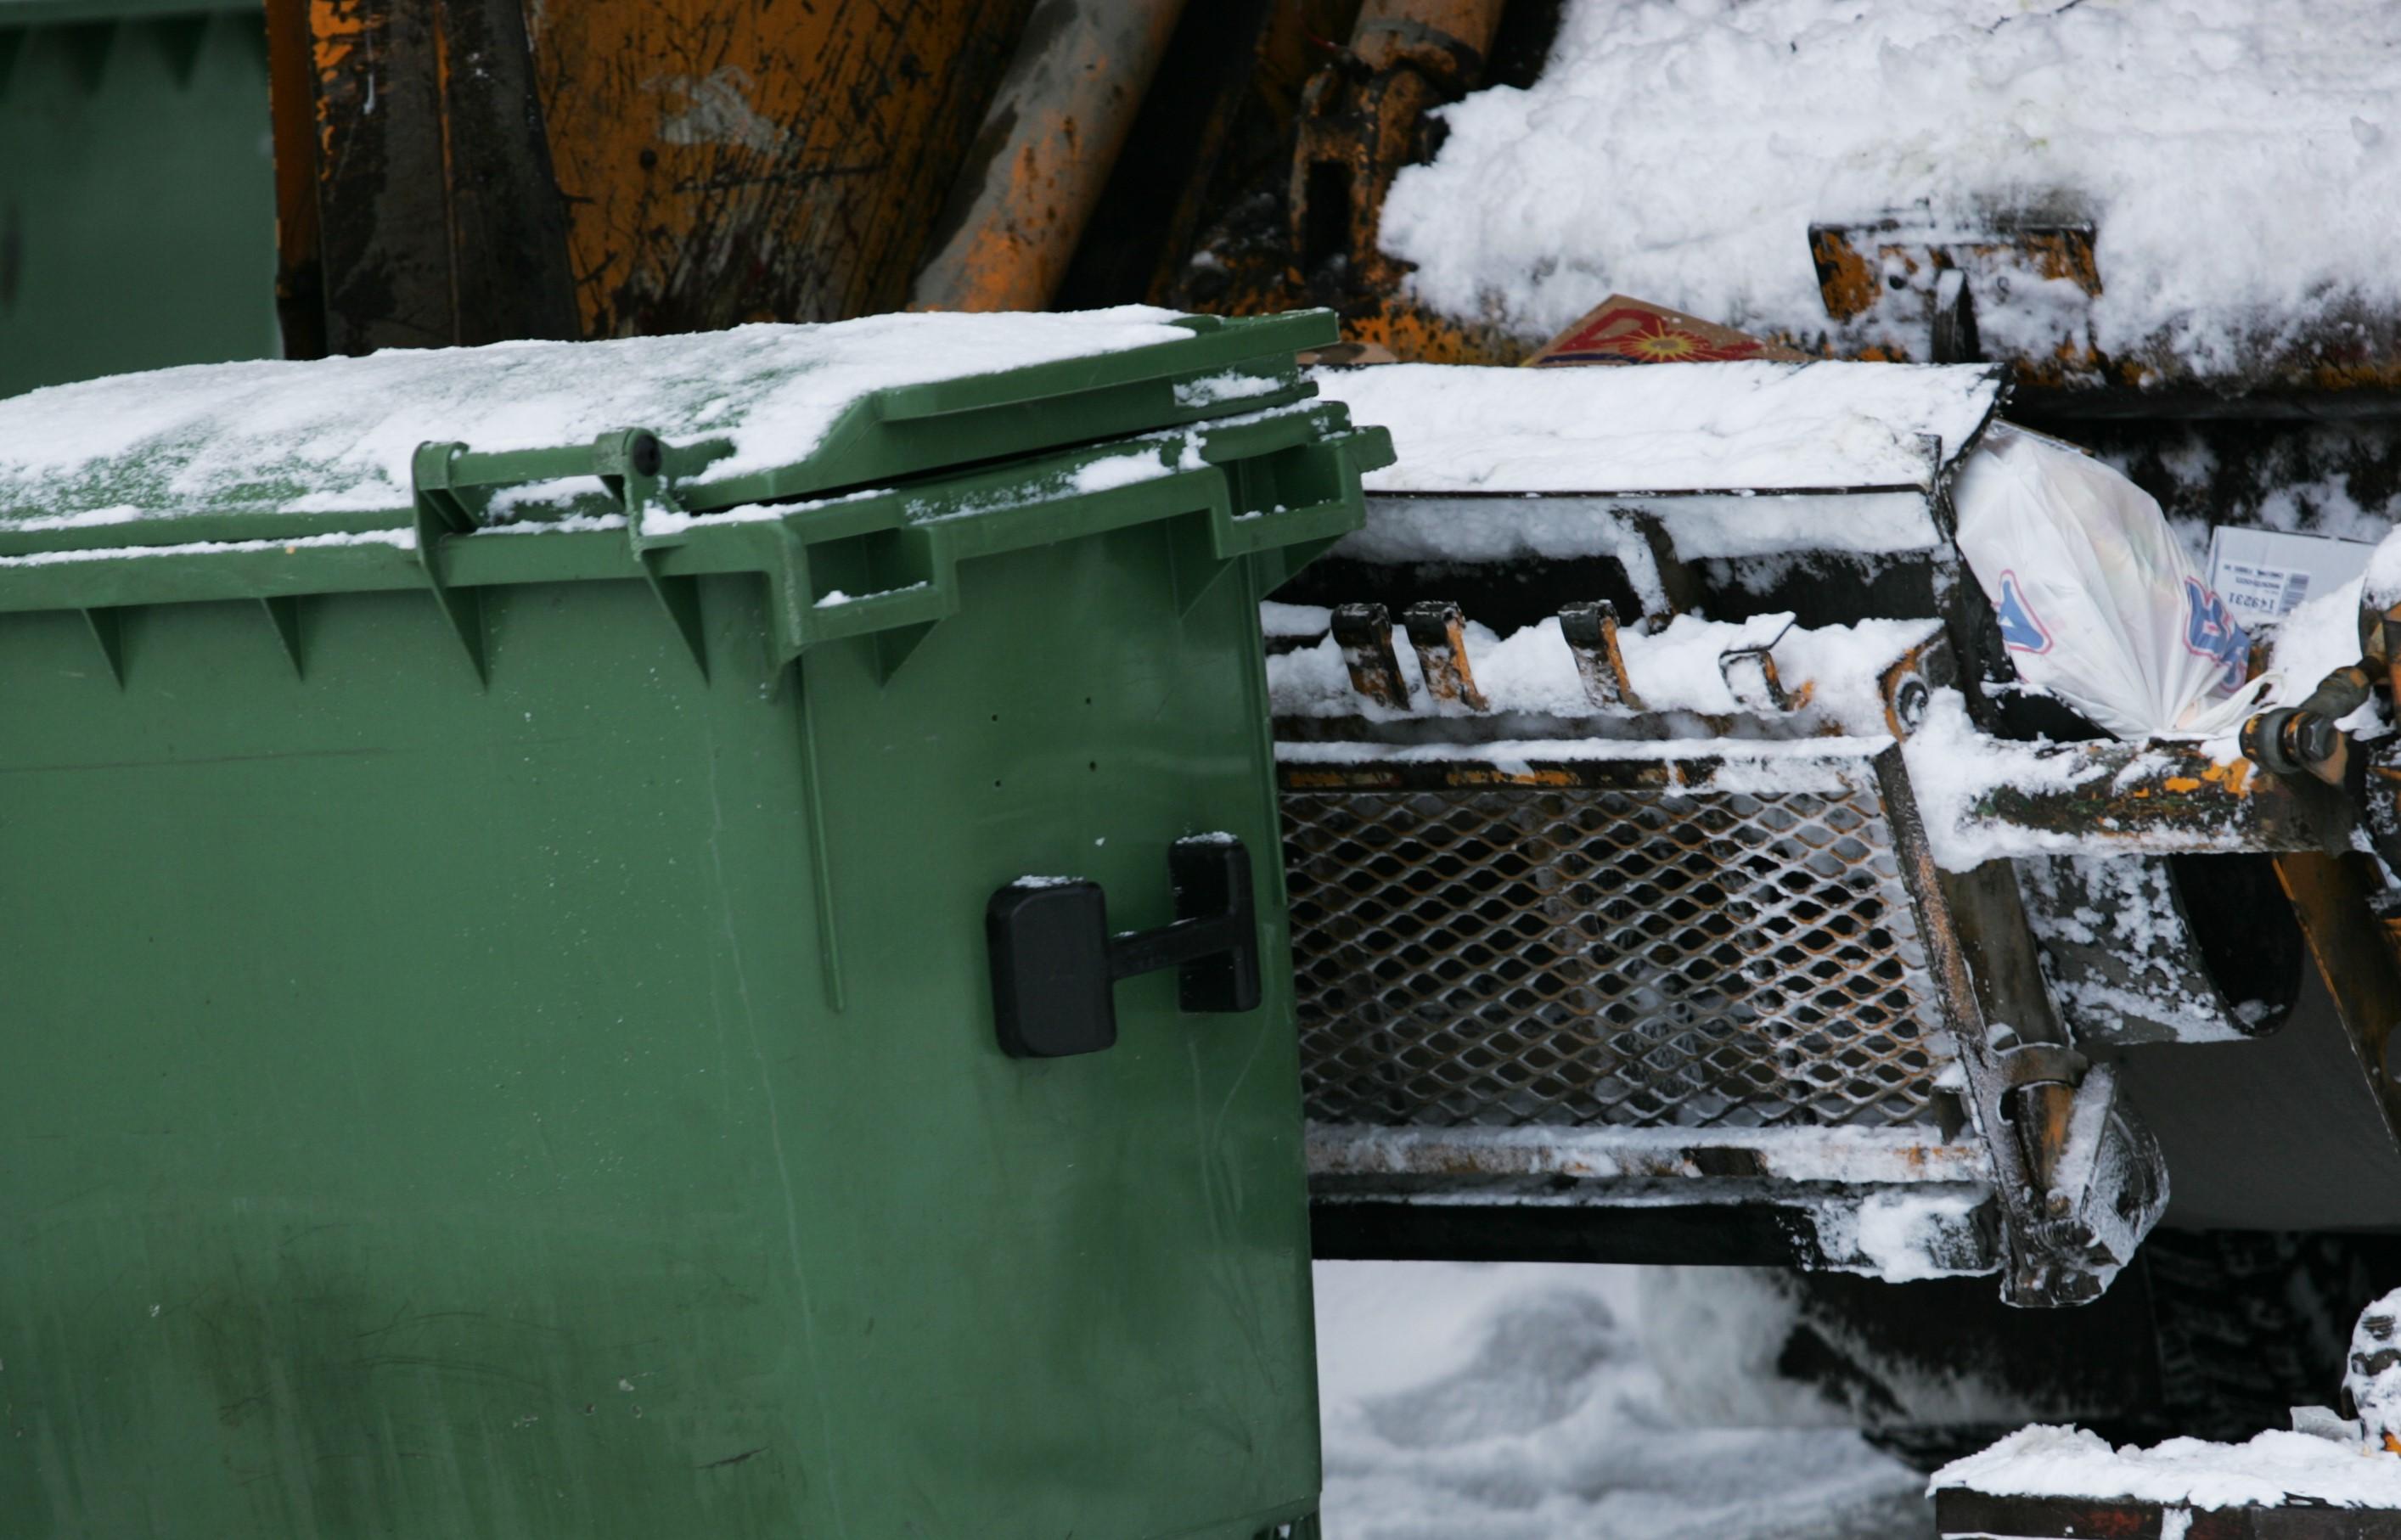 Anbud365: Politisk spill overskygger at avfallskontrakten i Oslo langt på vei er oppfylt